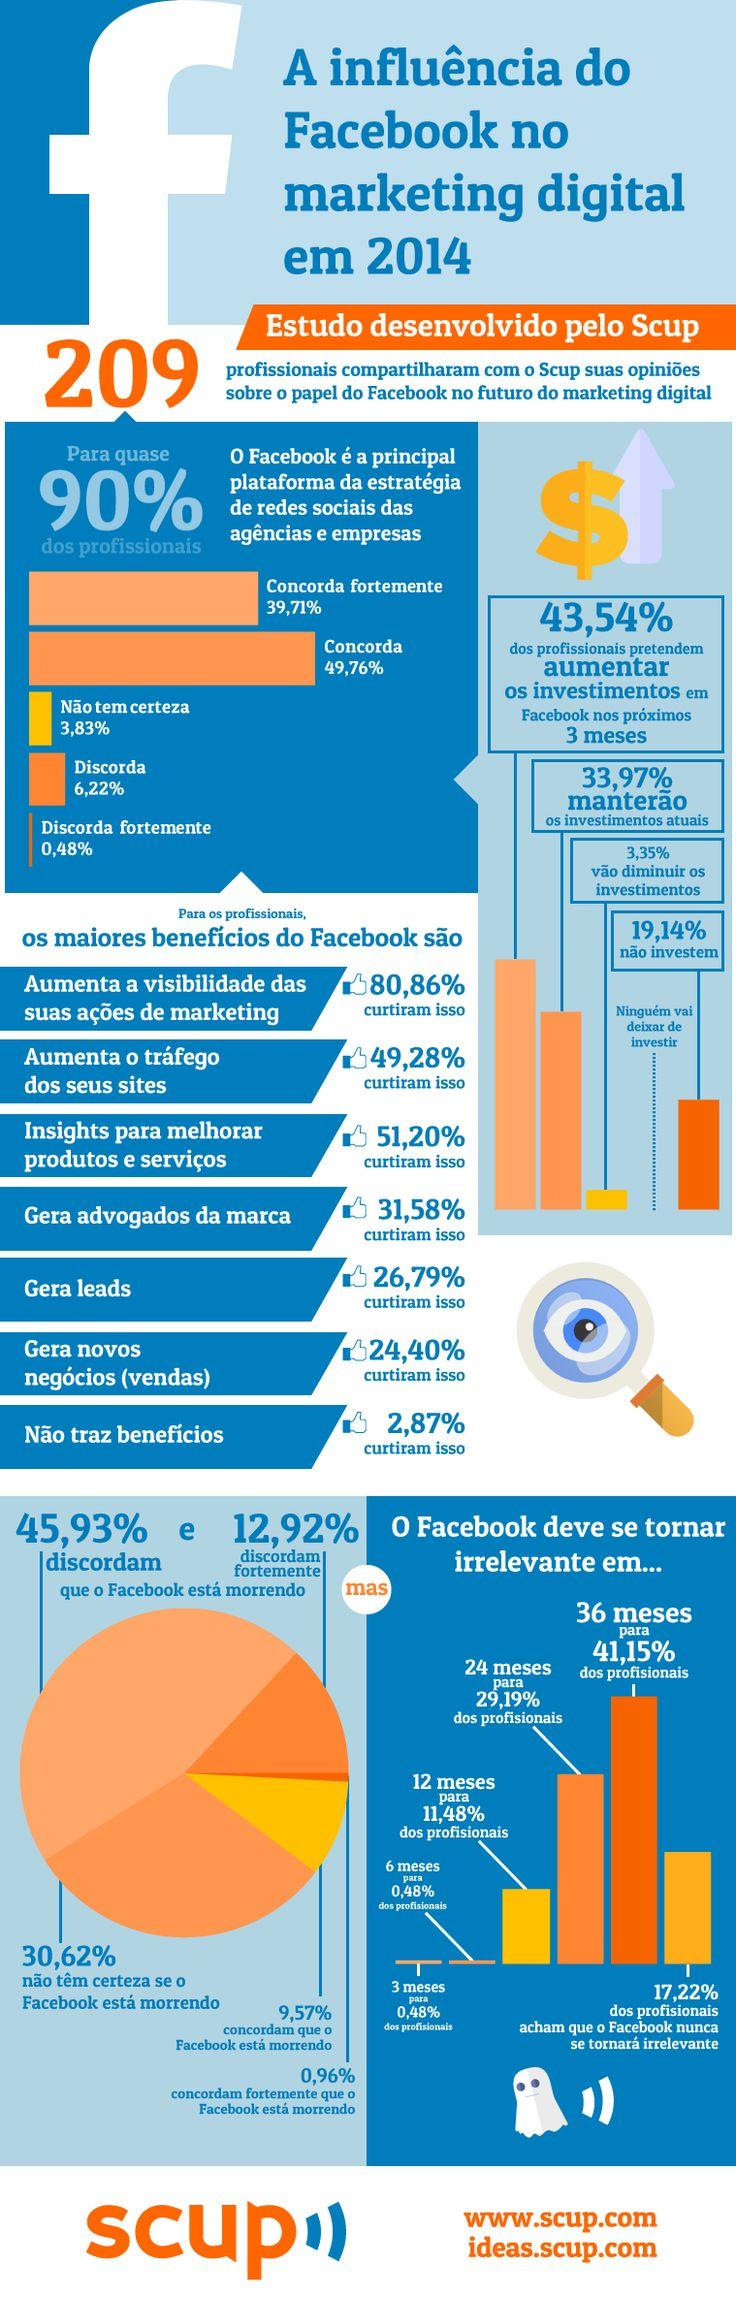 [Estudo] O impacto do Facebook nas estratégias de marketing digital